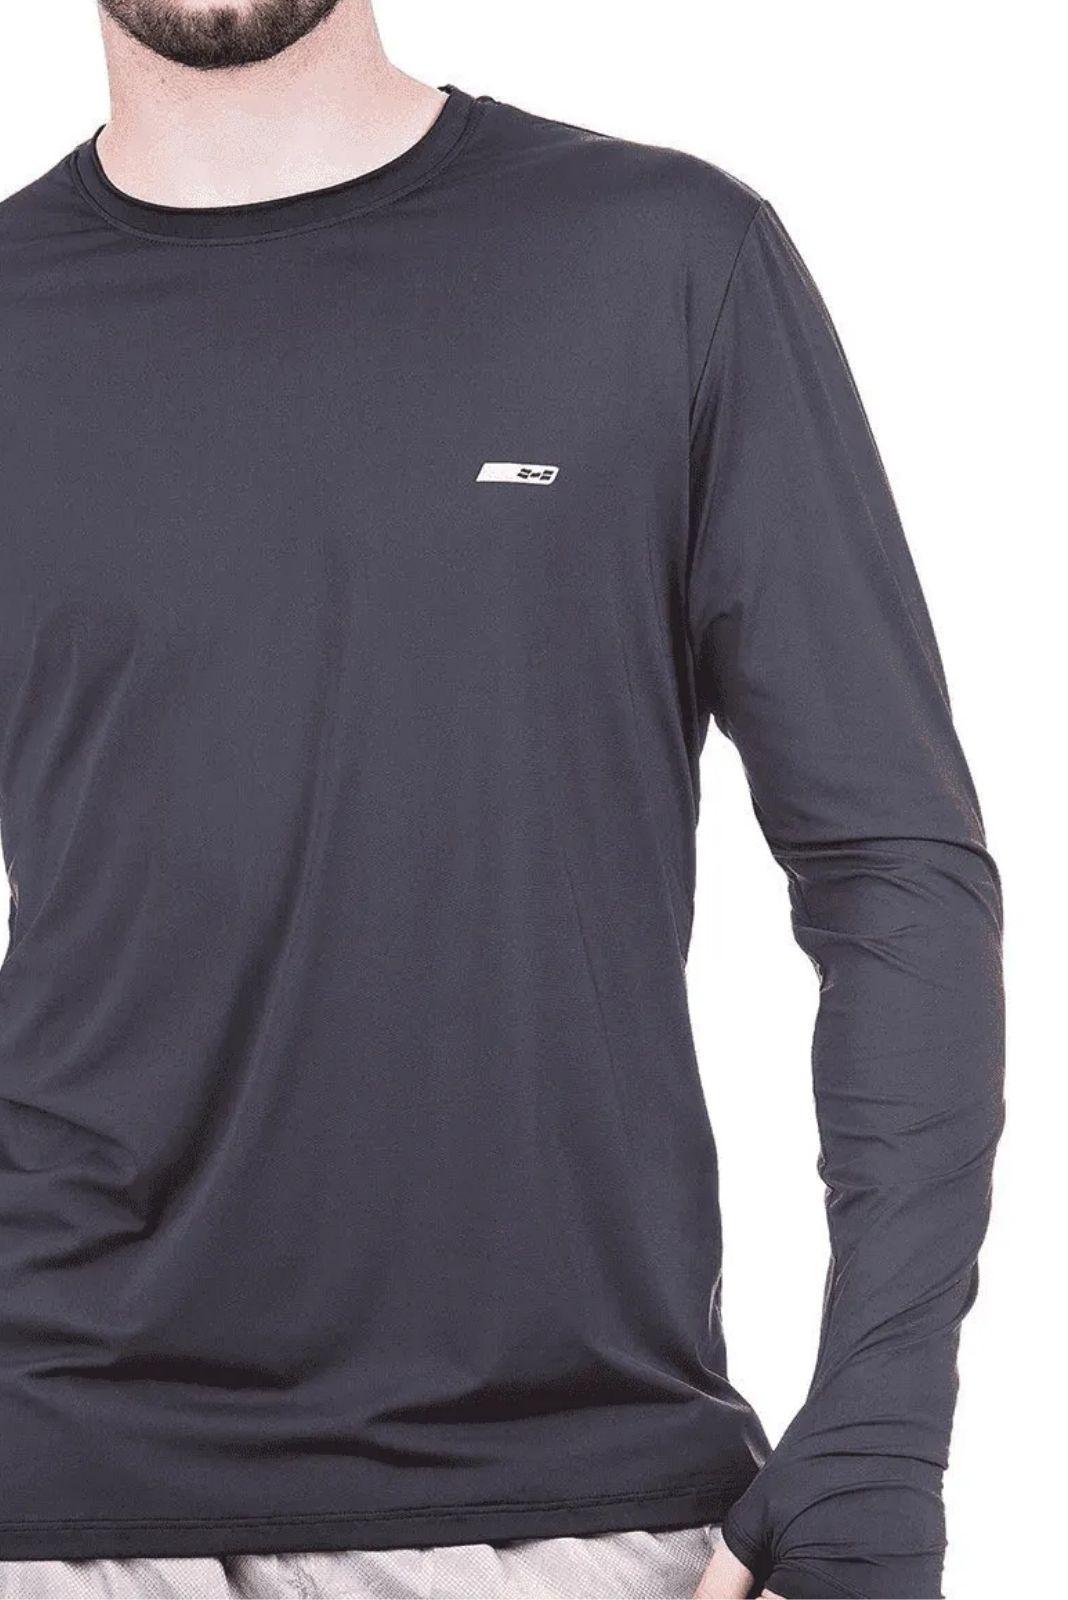 Camiseta Masculina Hifen com Proteção Solar UV 50+ - Manga Longa - Linha Dry Fit